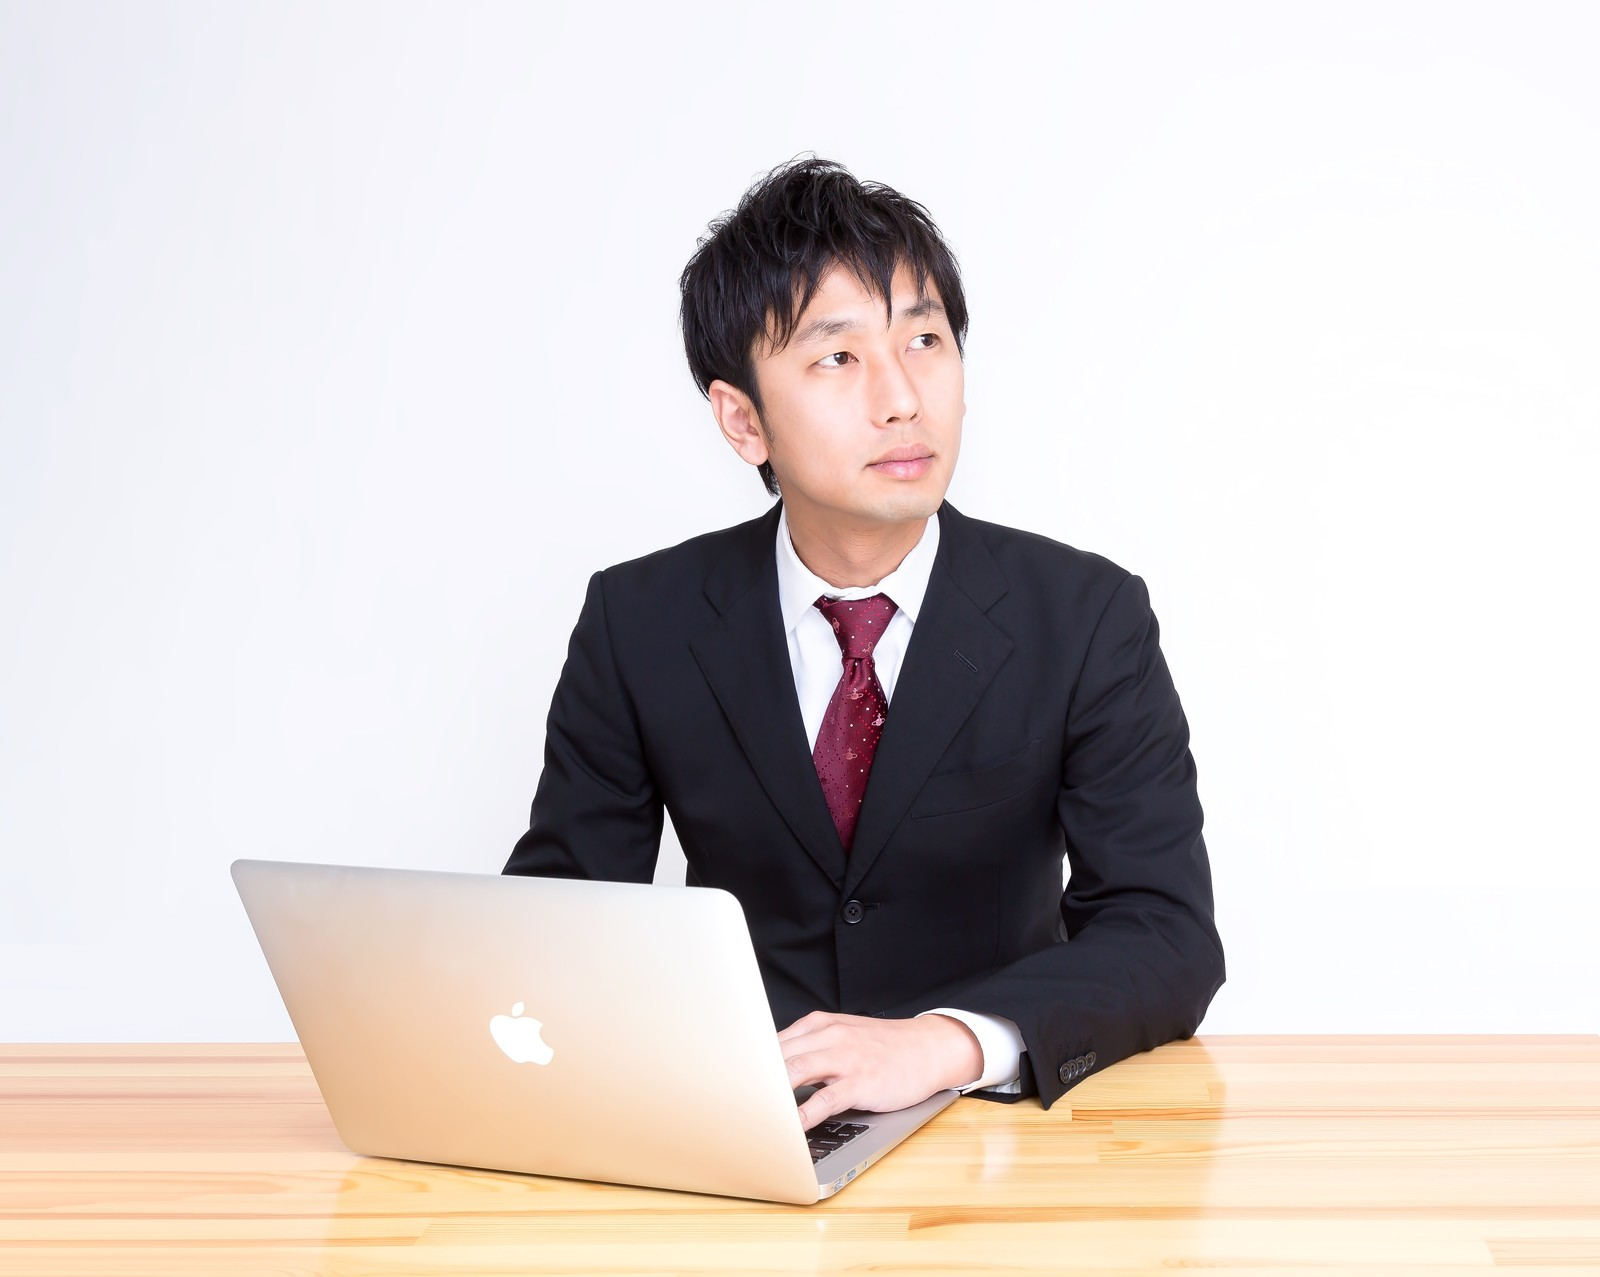 職歴なしでも20代なら十分に正社員に就職できる。大切なのは今すぐ就職活動すること。